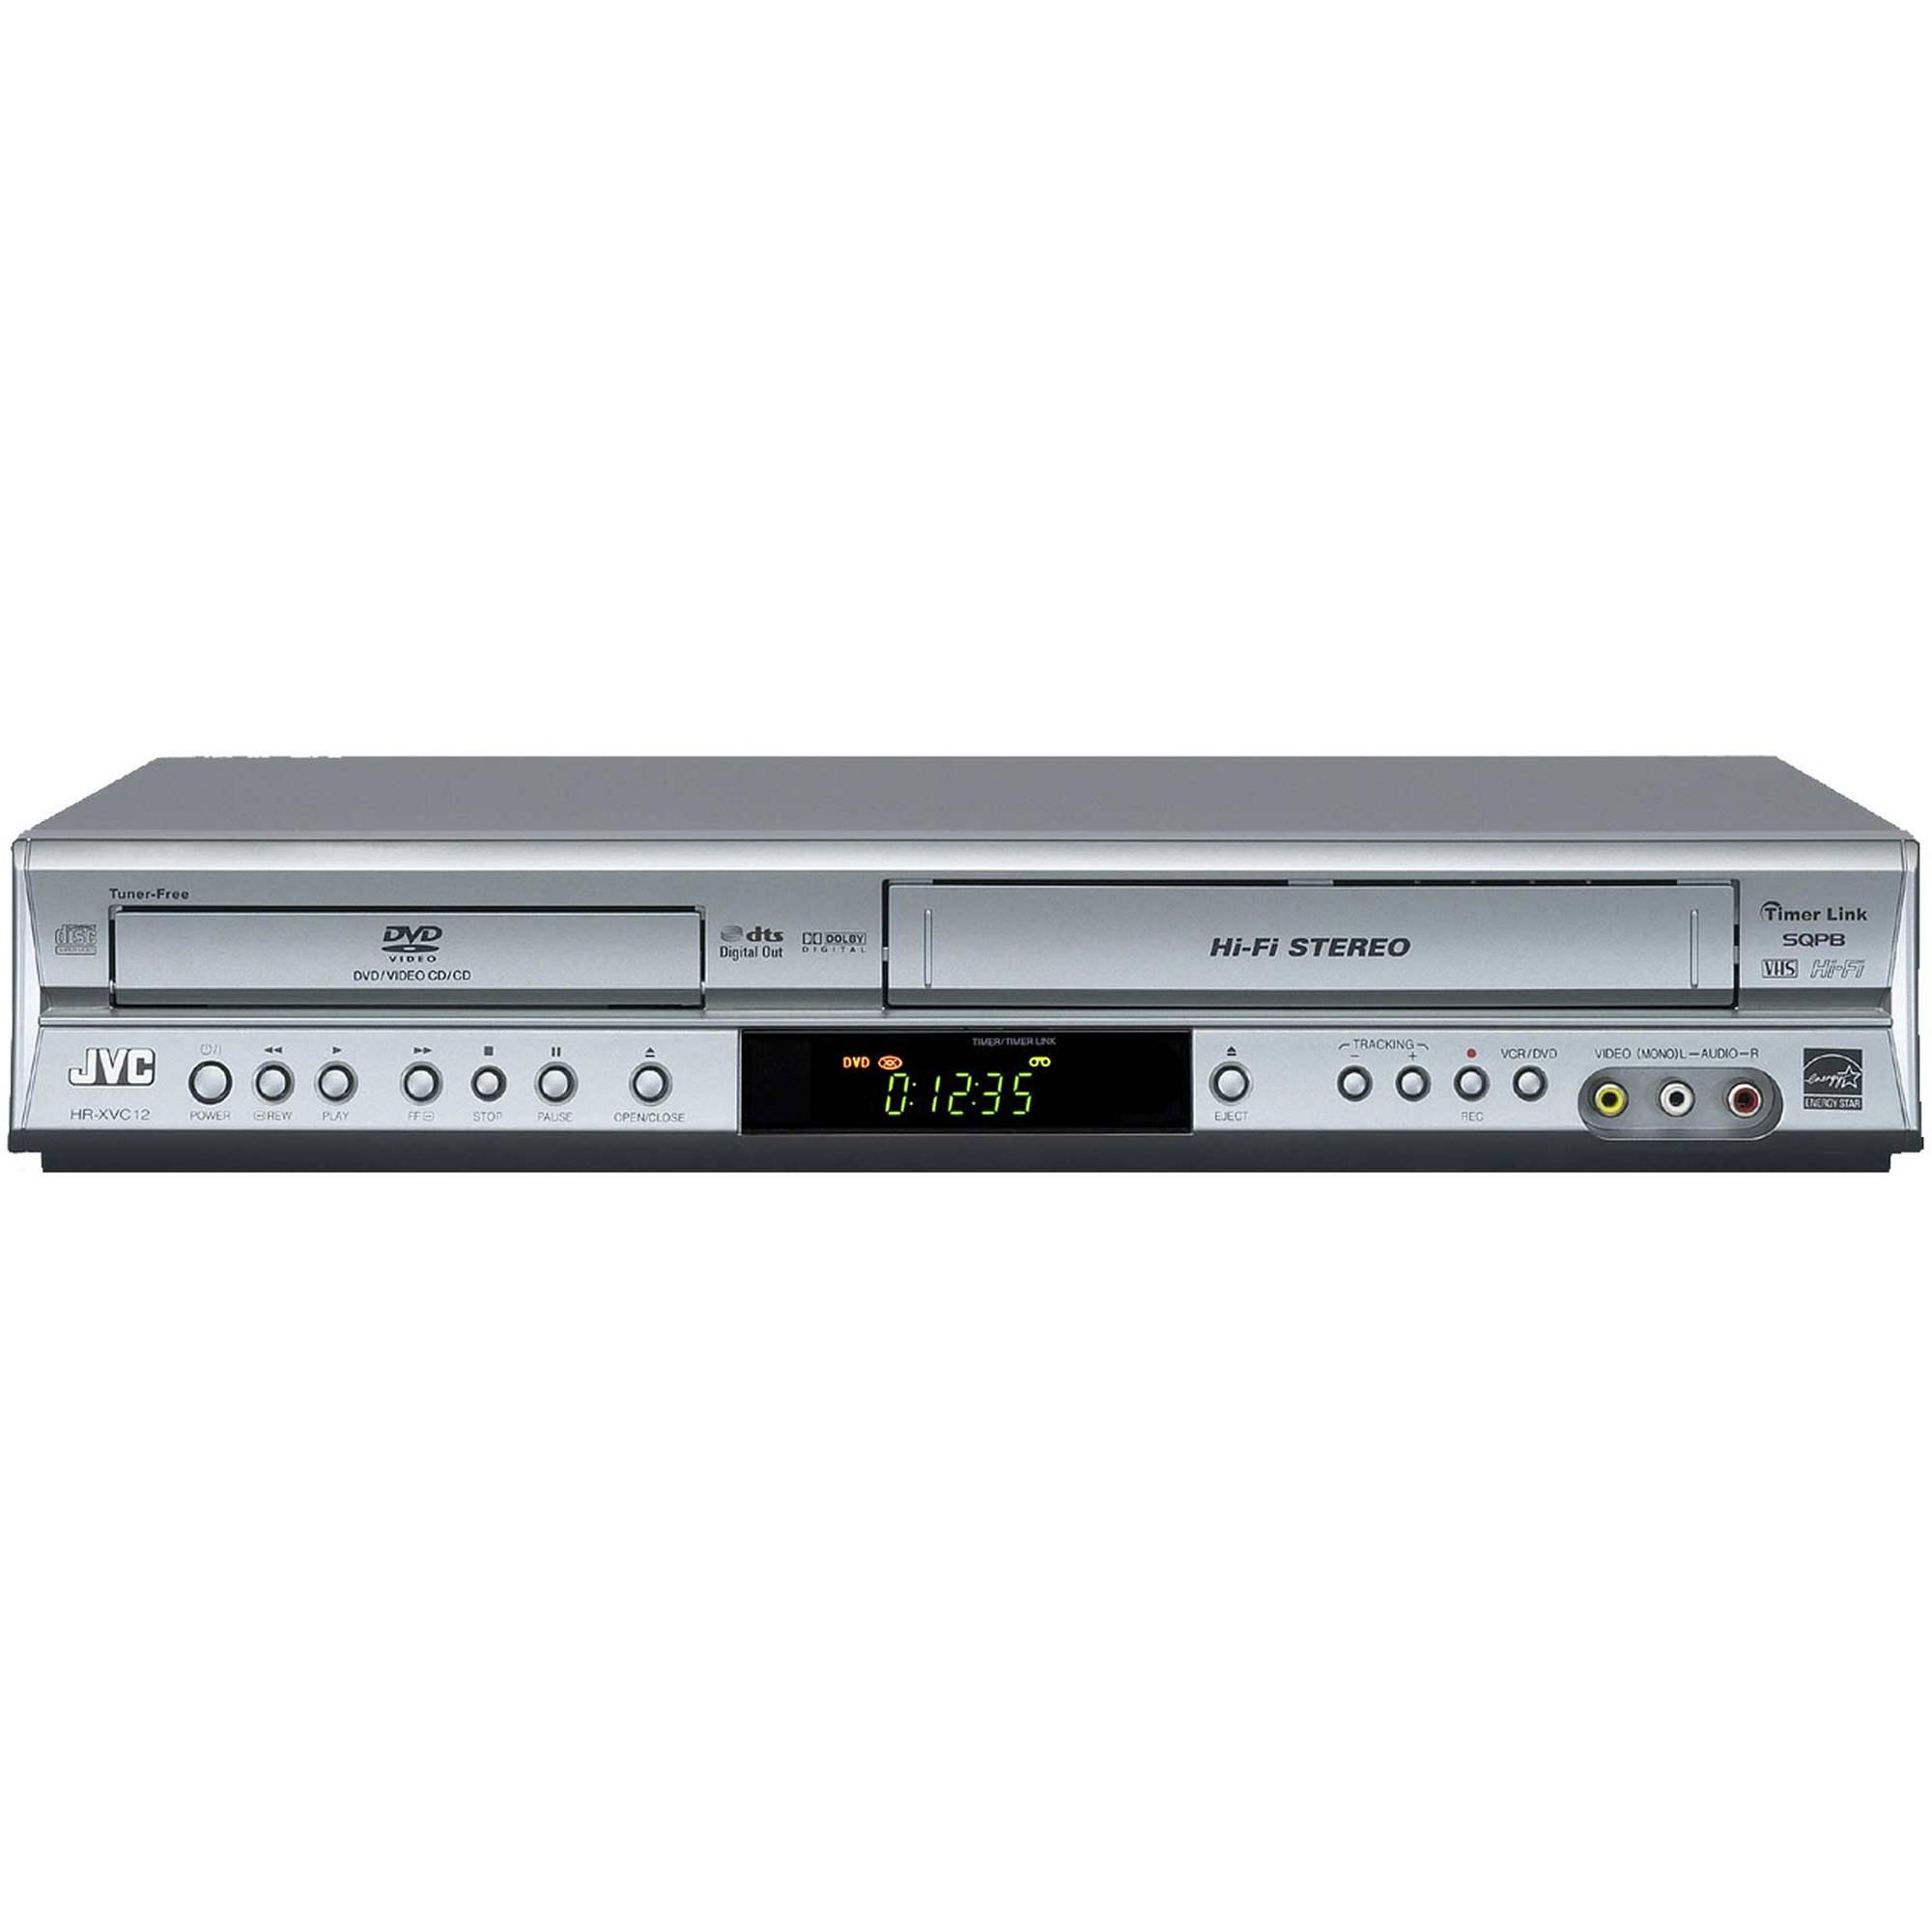 jvc hr xvc12s dvd vcr combo player silver hr xvc12s b h photo rh bhphotovideo com JVC DVD VCR Combo Player JVC DVD VCR Combo Troubleshooting